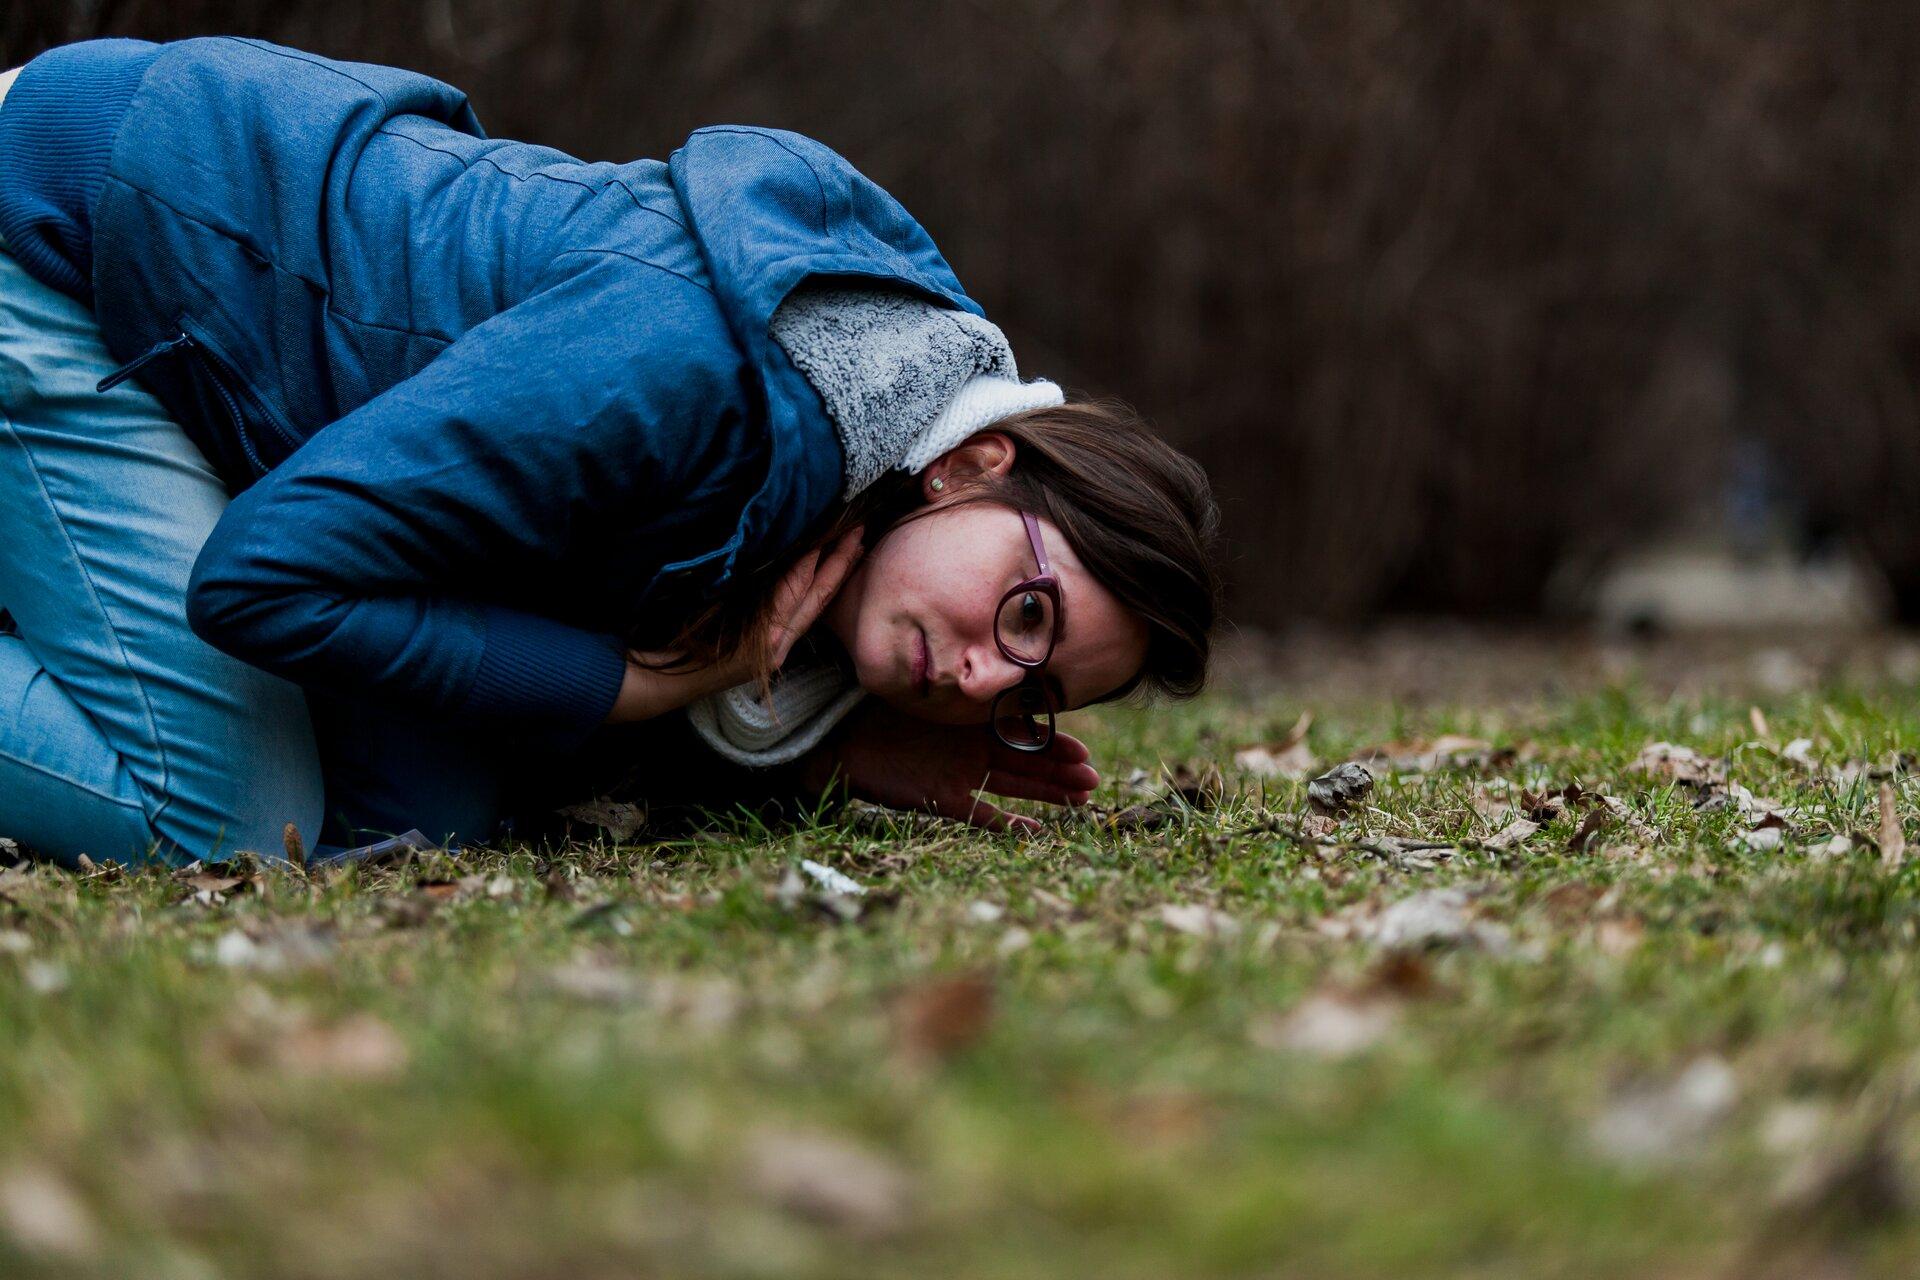 Zdjęcie człowieka nasłuchującego zwierząt zuchem przy ziemi